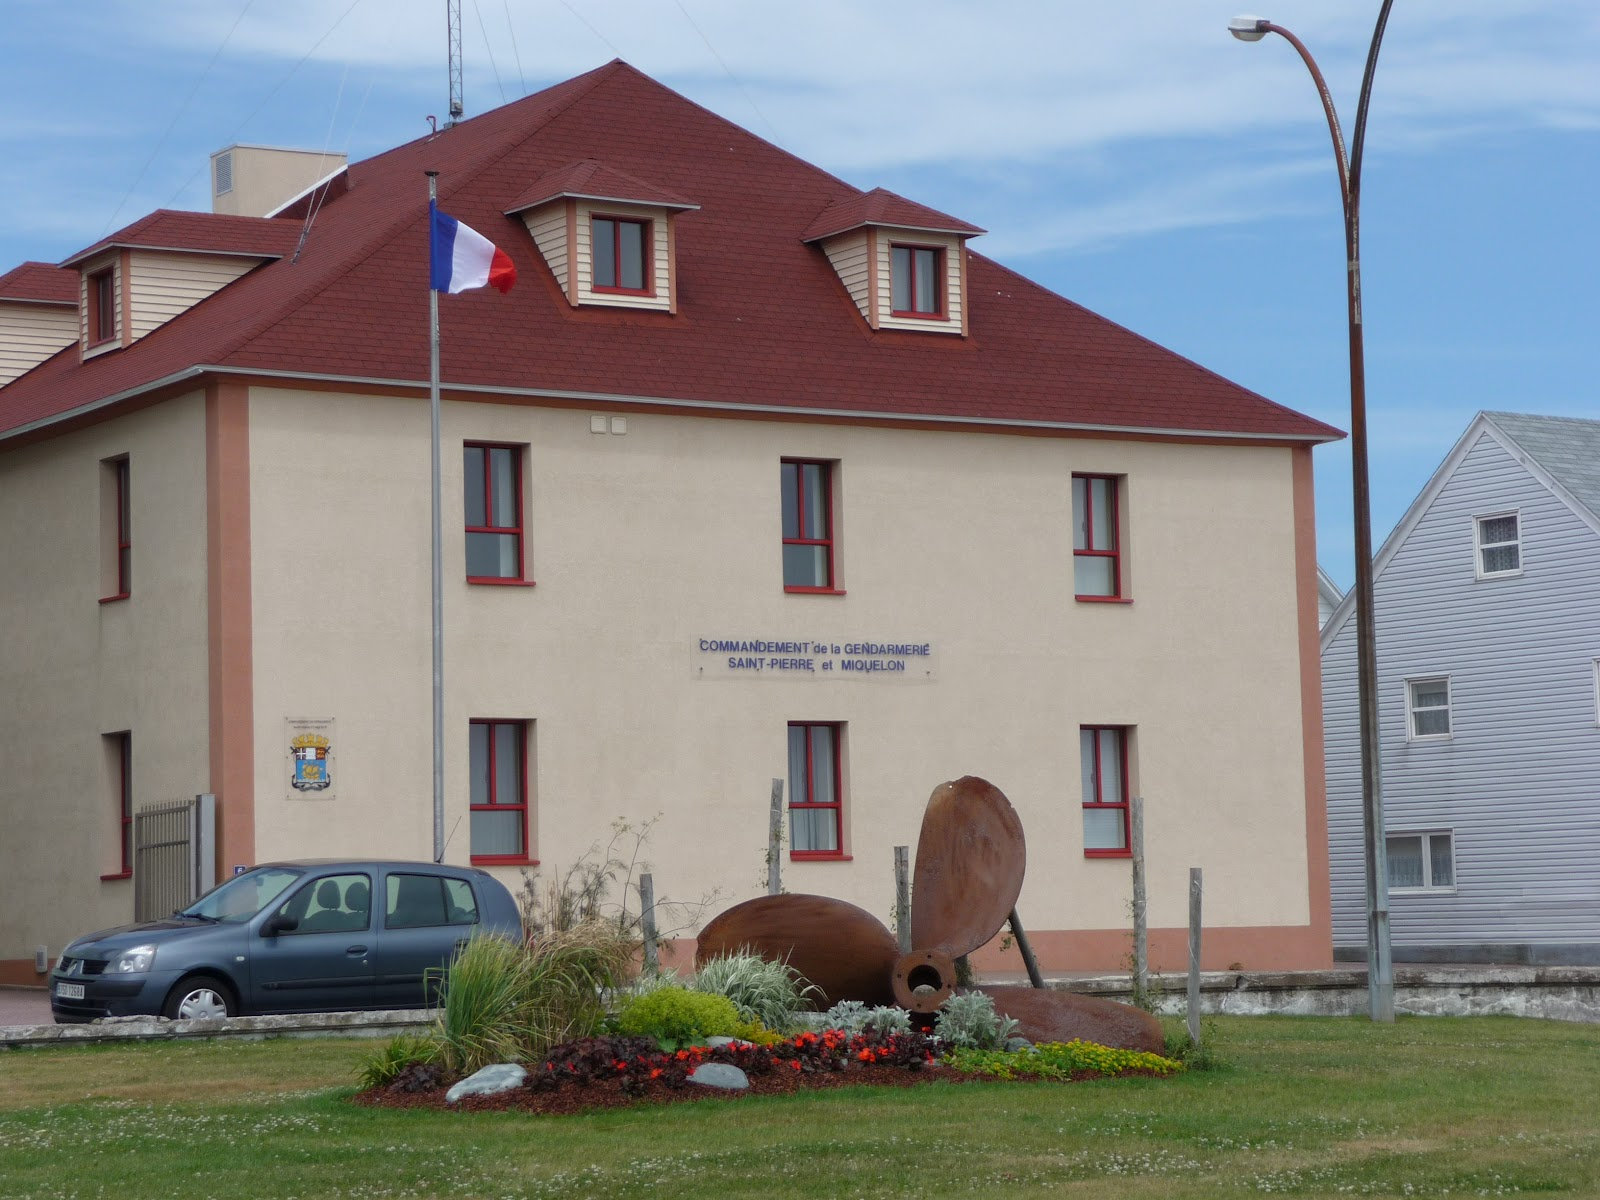 La bachmobile en cavale - La maison de la gendarmerie ...